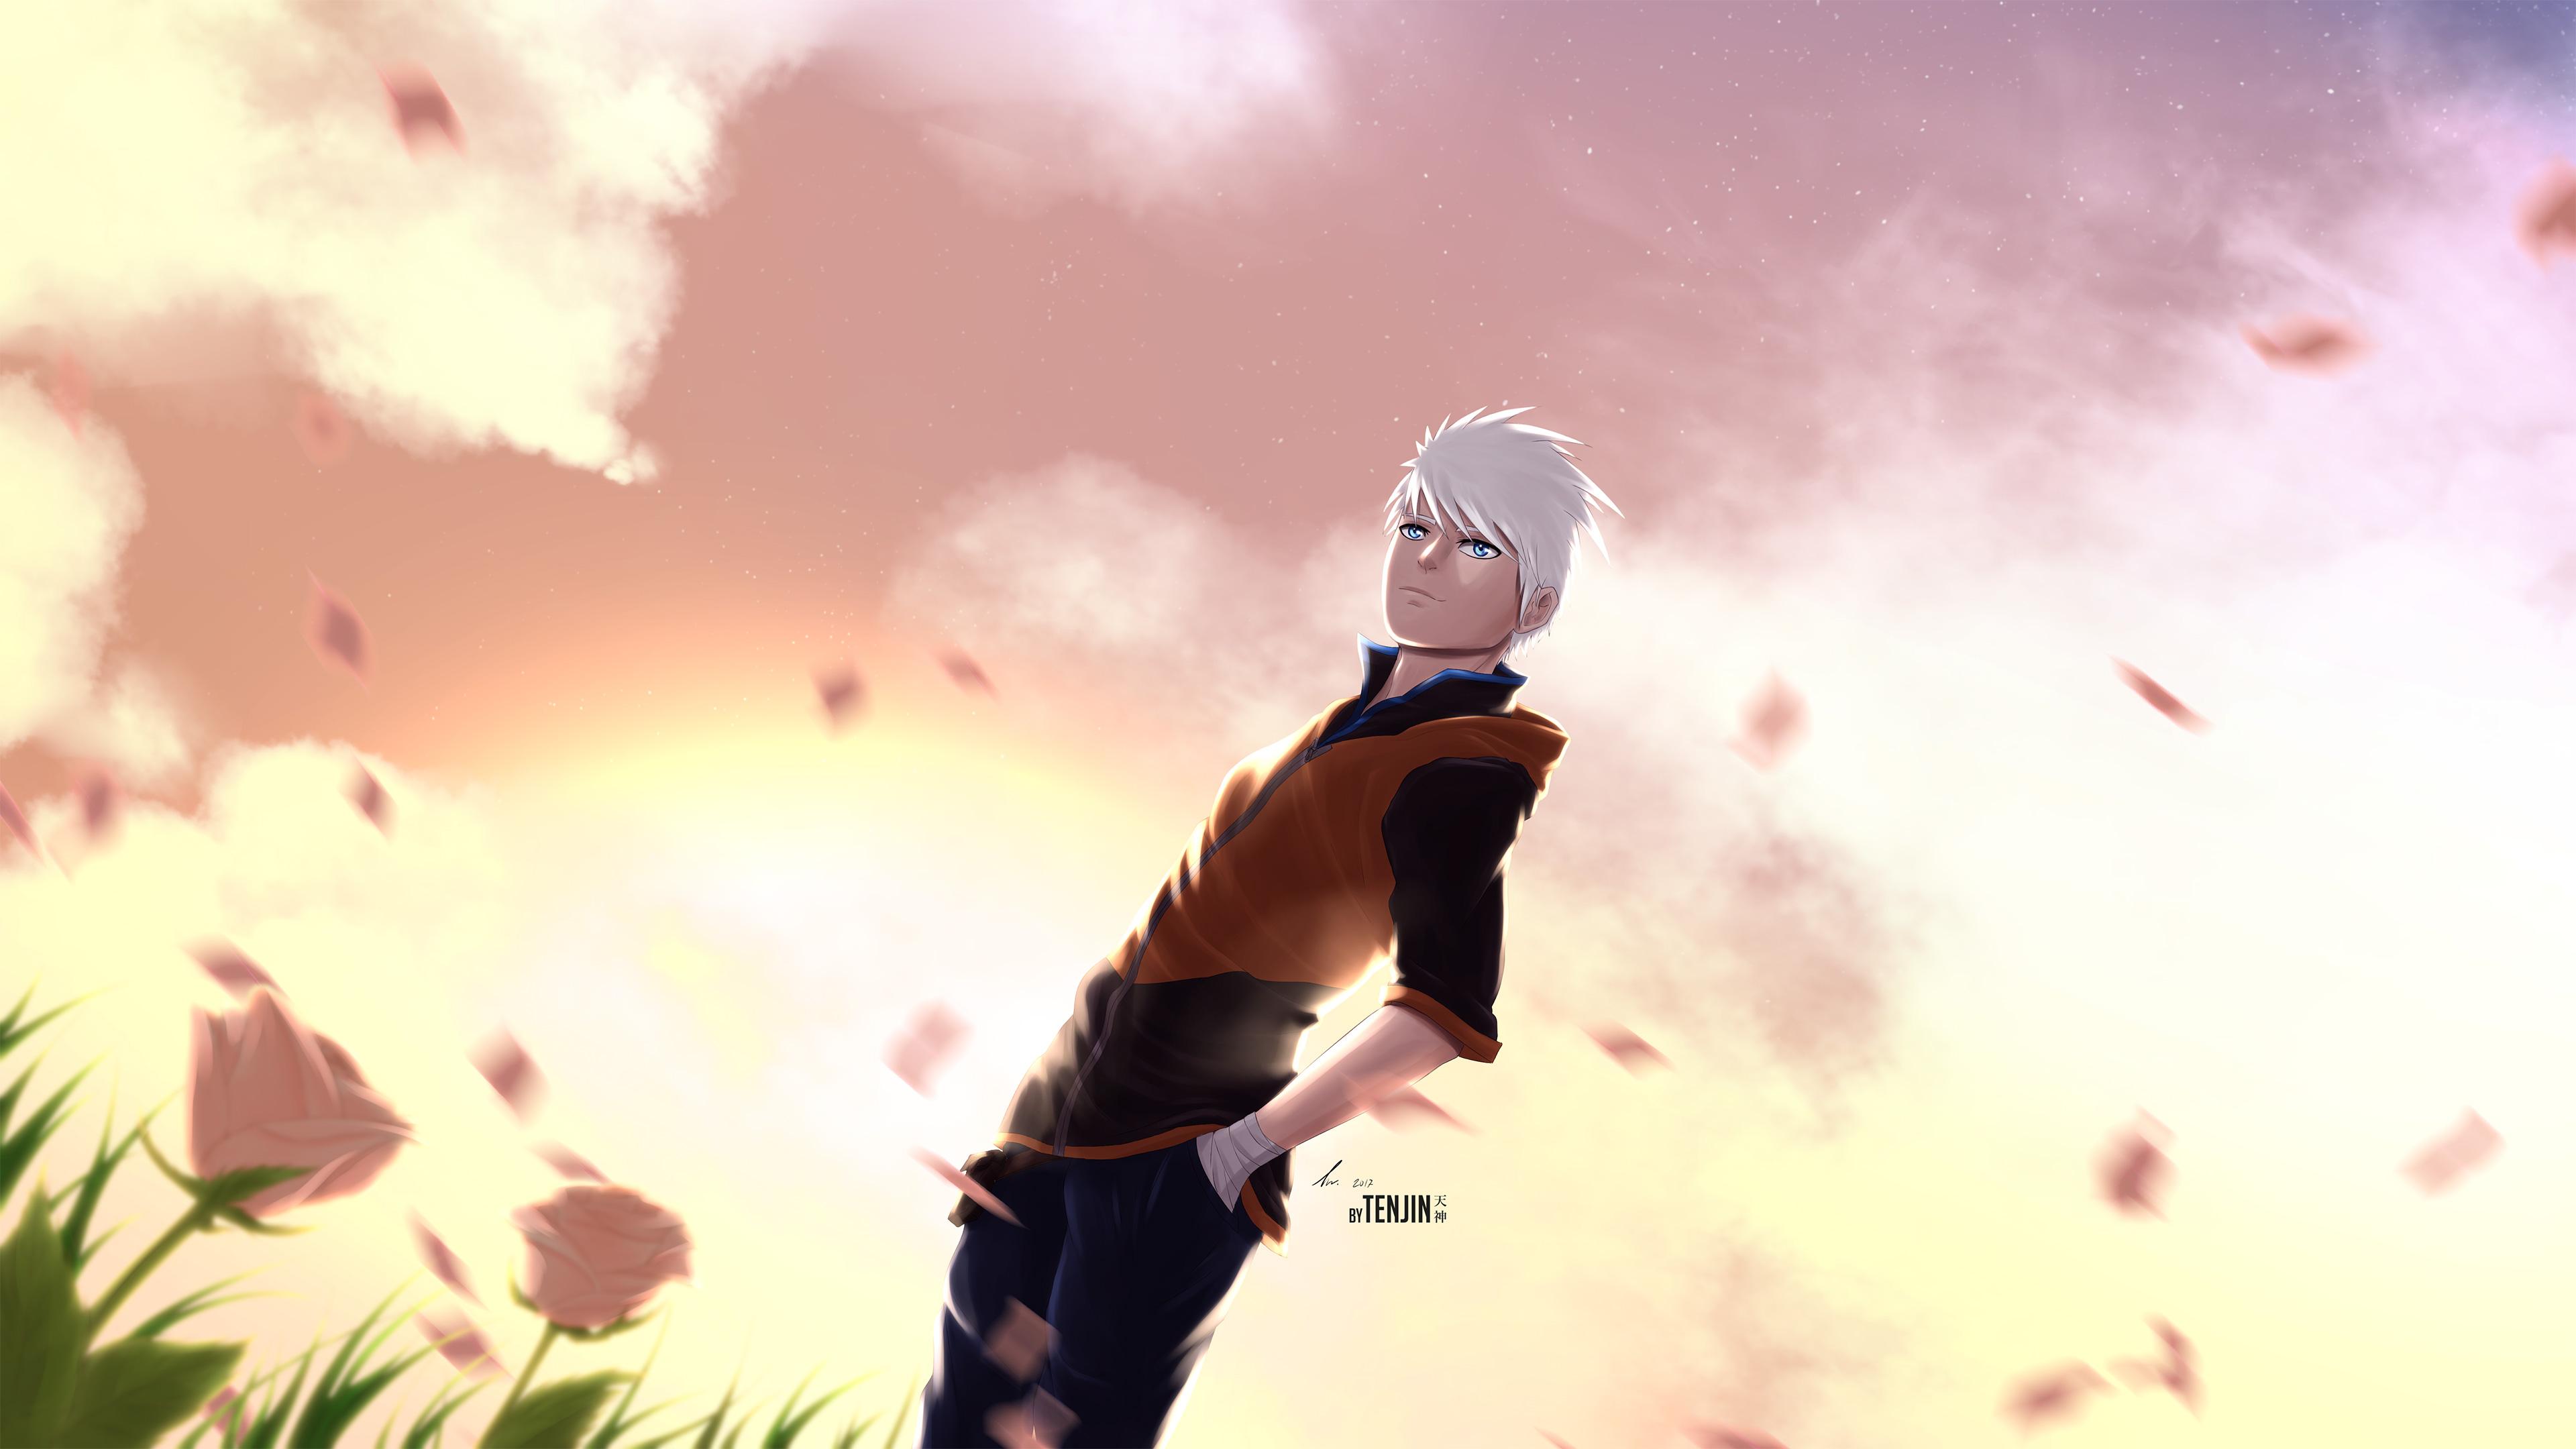 Katsuki bakugou, my hero academia, shouto todoroki,. Shouto Todoroki My Hero Academia, HD Anime, 4k Wallpapers ...